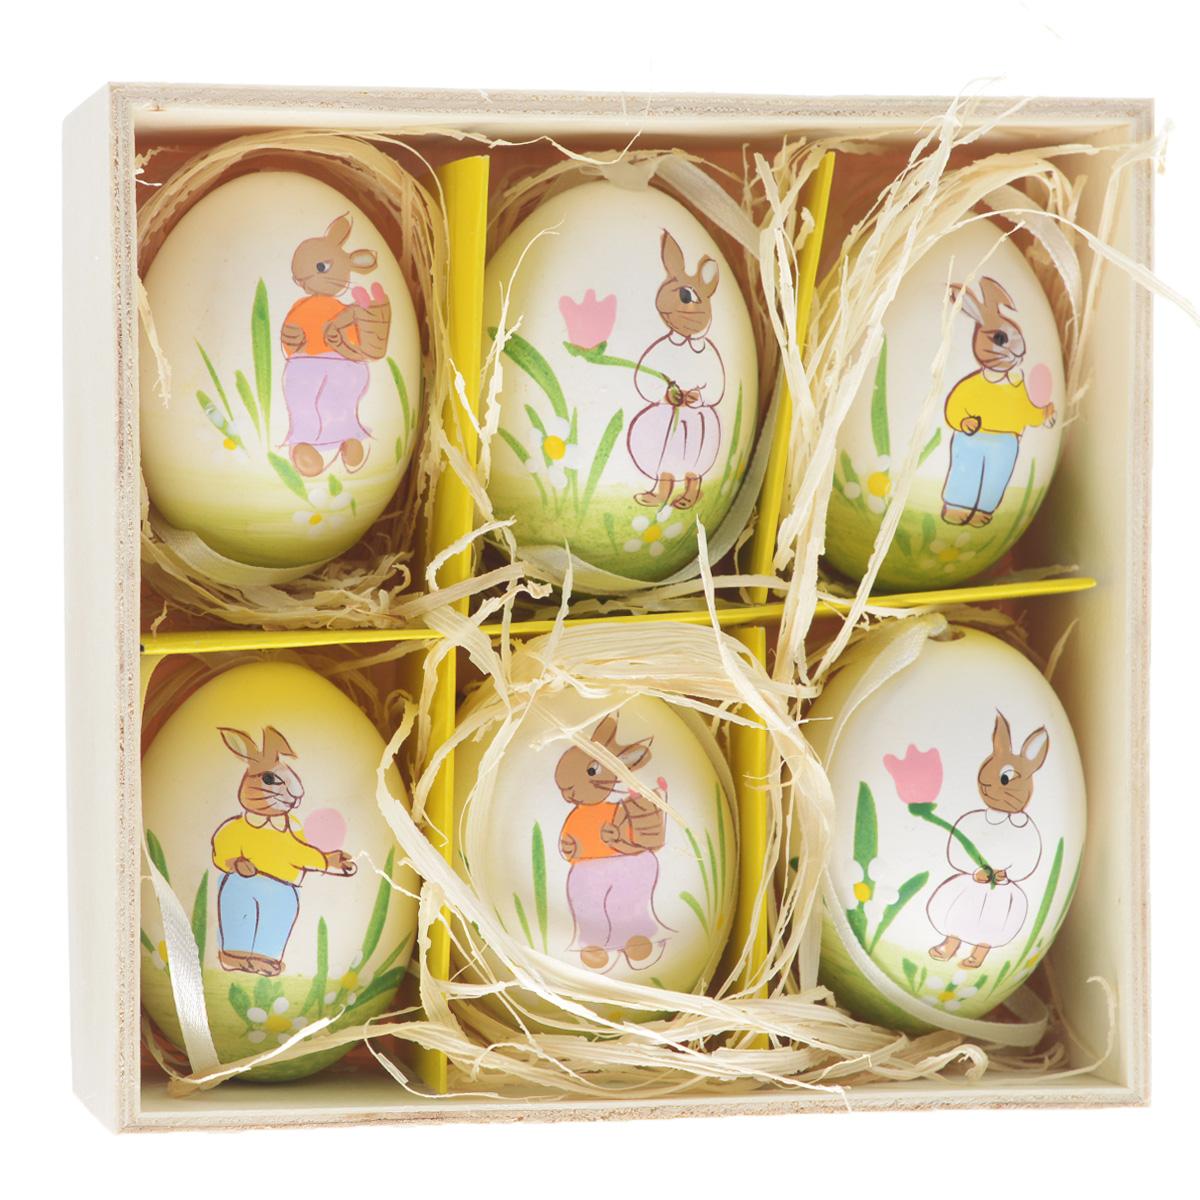 Декоративные подвесные пасхальные яйца Феникс-презент, 6 шт. 36901515023Декоративные подвесные пасхальные яйца Феникс-презент отлично подойдутдля декорации вашего дома к Пасхе. Изделия выполнены из натуральной скорлупыкуриного яйца и декорированы изображением кроликов и цветов. Украшения оснащеныспециальными текстильными петельками для подвешивания. В комплекте - 6пасхальных яиц, которые располагаются в деревянном ящике с подложкой излыко.Яйцо - это главный символ Пасхи, который означает для христиан новую жизнь ивозрождение. Создайте в своем доме атмосферу праздника, украшая егодекоративными пасхальными яйцами.Материал: скорлупа куриного яйца, текстиль, лыко. Размер яйца: 4 см х 4 см х 5,5 см.